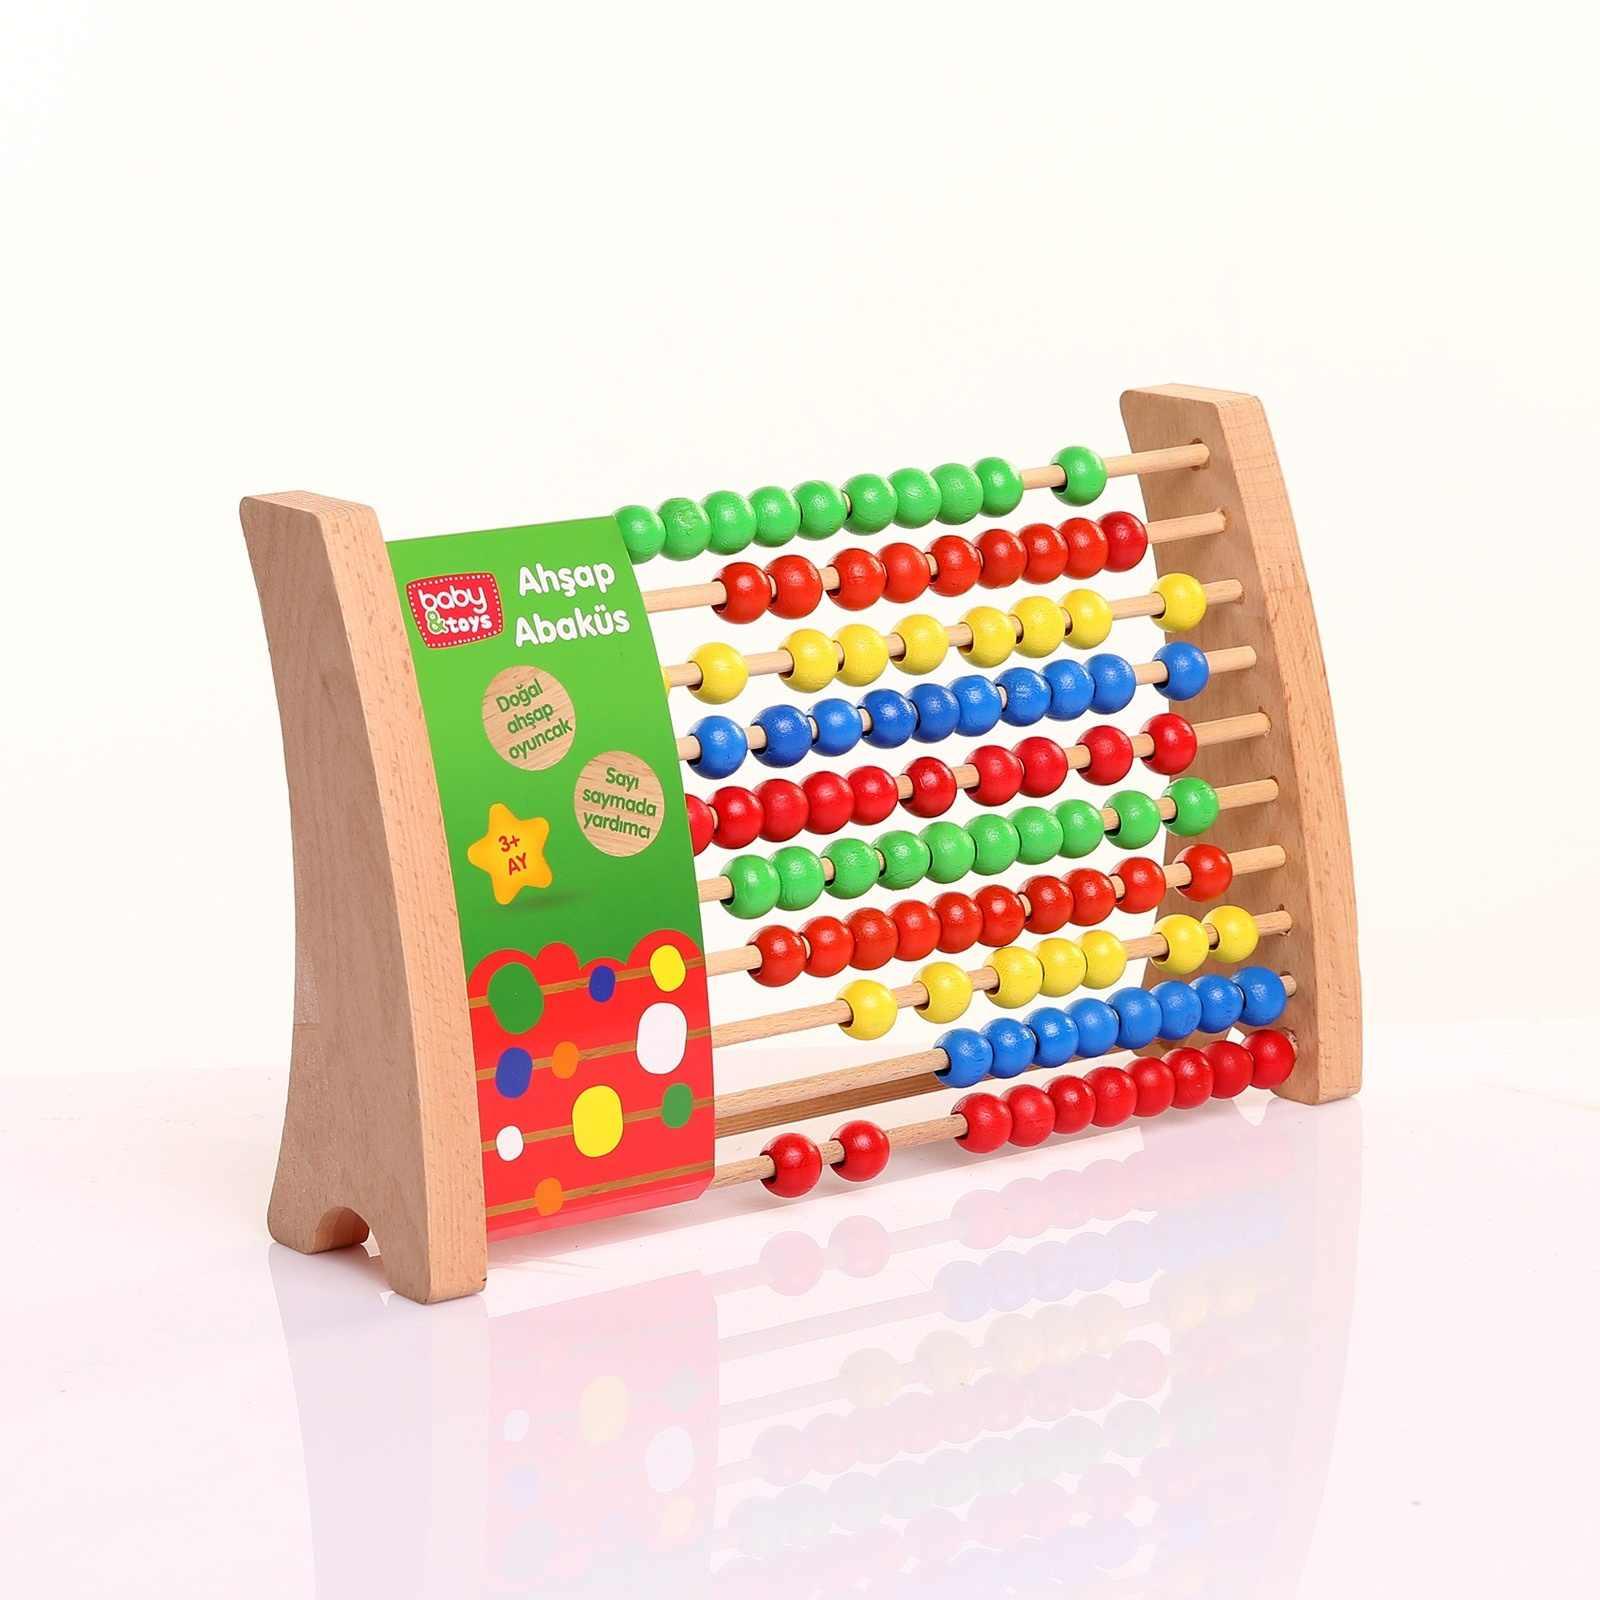 Ebebek детские игрушки деревянные развивающие счетные игрушки